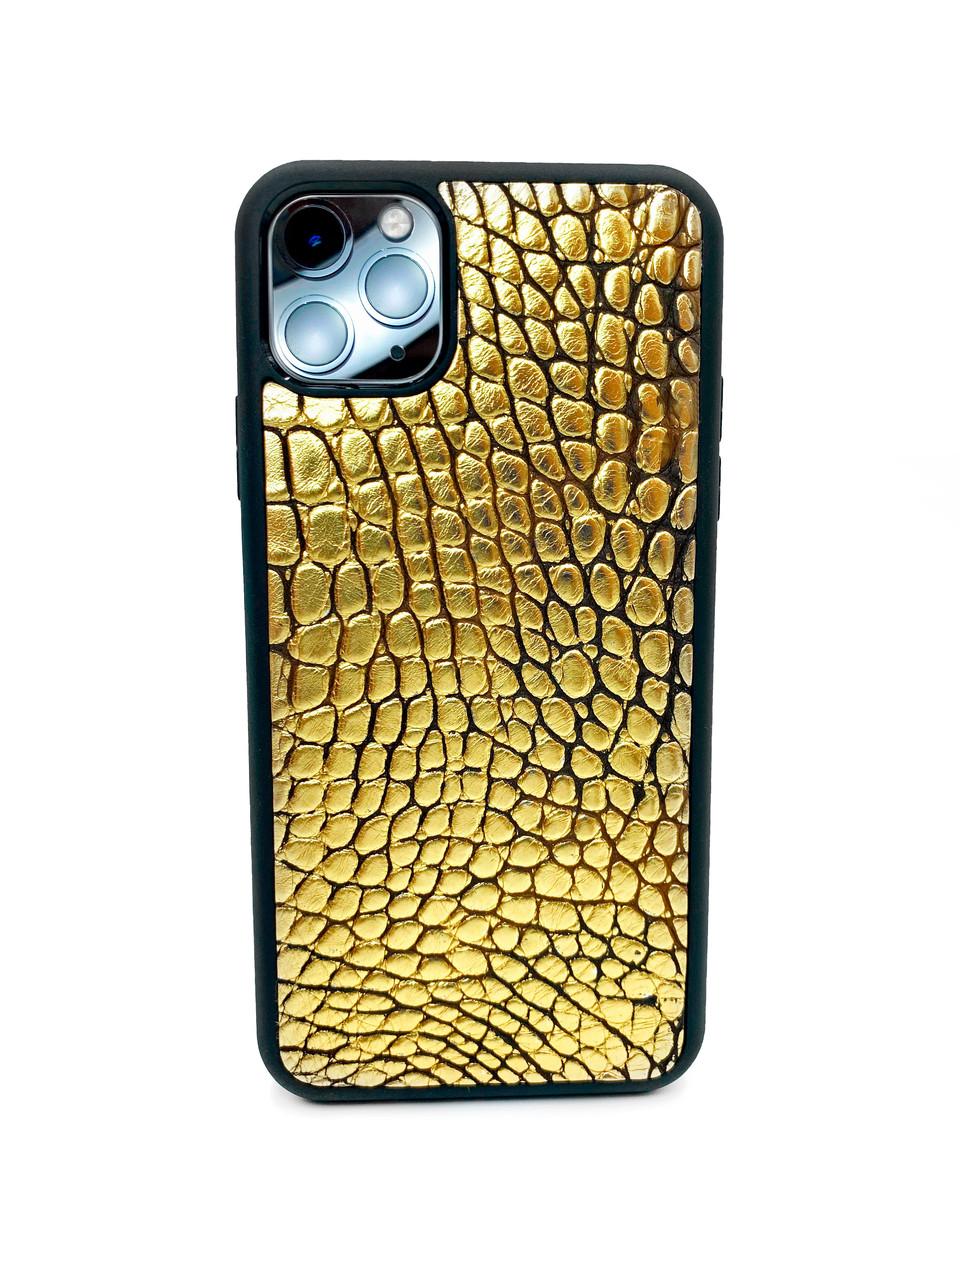 Чехол для iPhone 11 Pro Max золотого цвета из кожи Крокодила